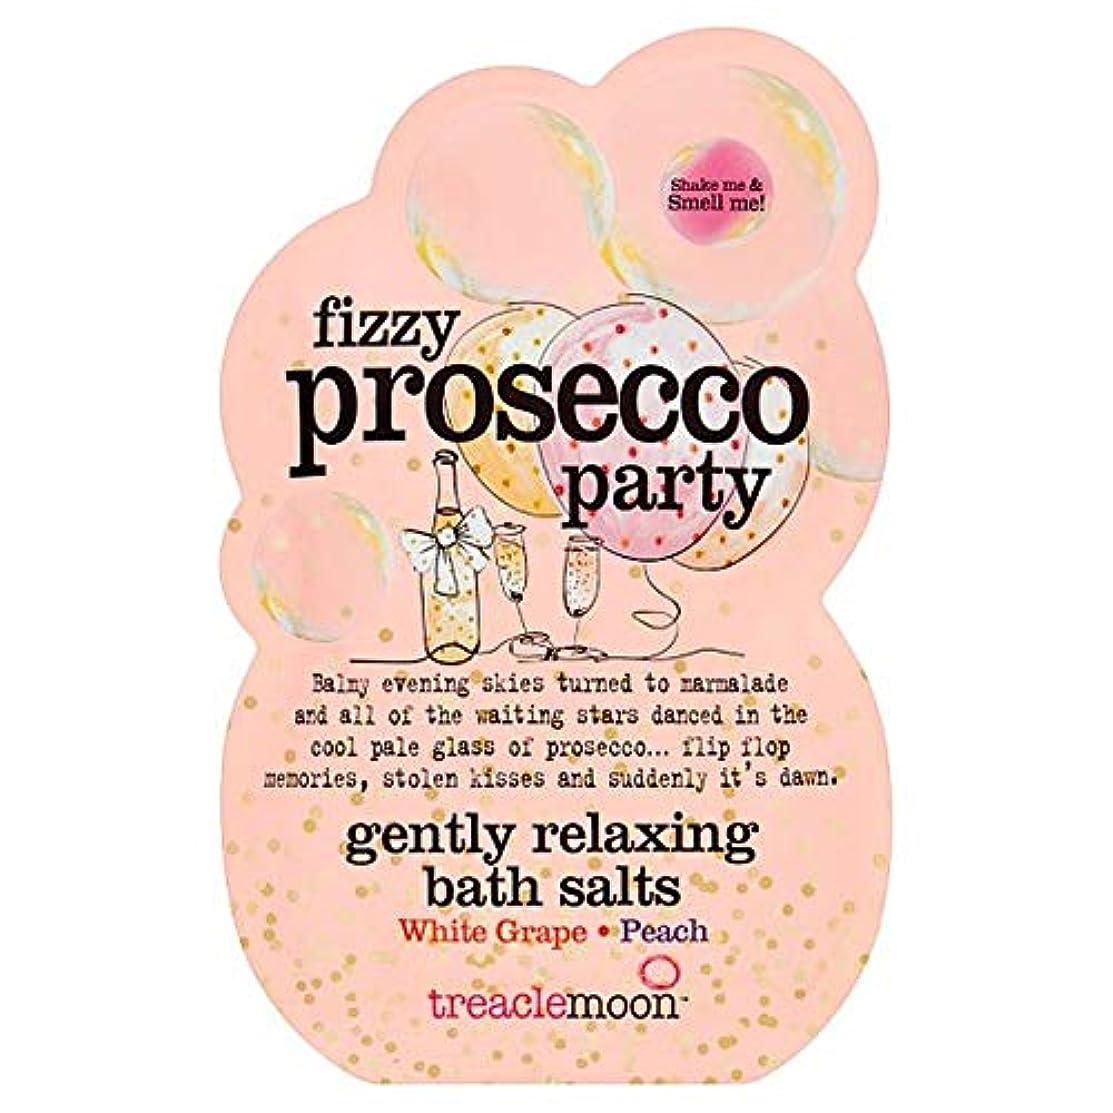 大学院発言するミリメーター[Treacle Moon] Treaclemoonプロセッコパーティーバスソルトの80グラム - Treaclemoon Prosecco Party Bath Salts 80G [並行輸入品]